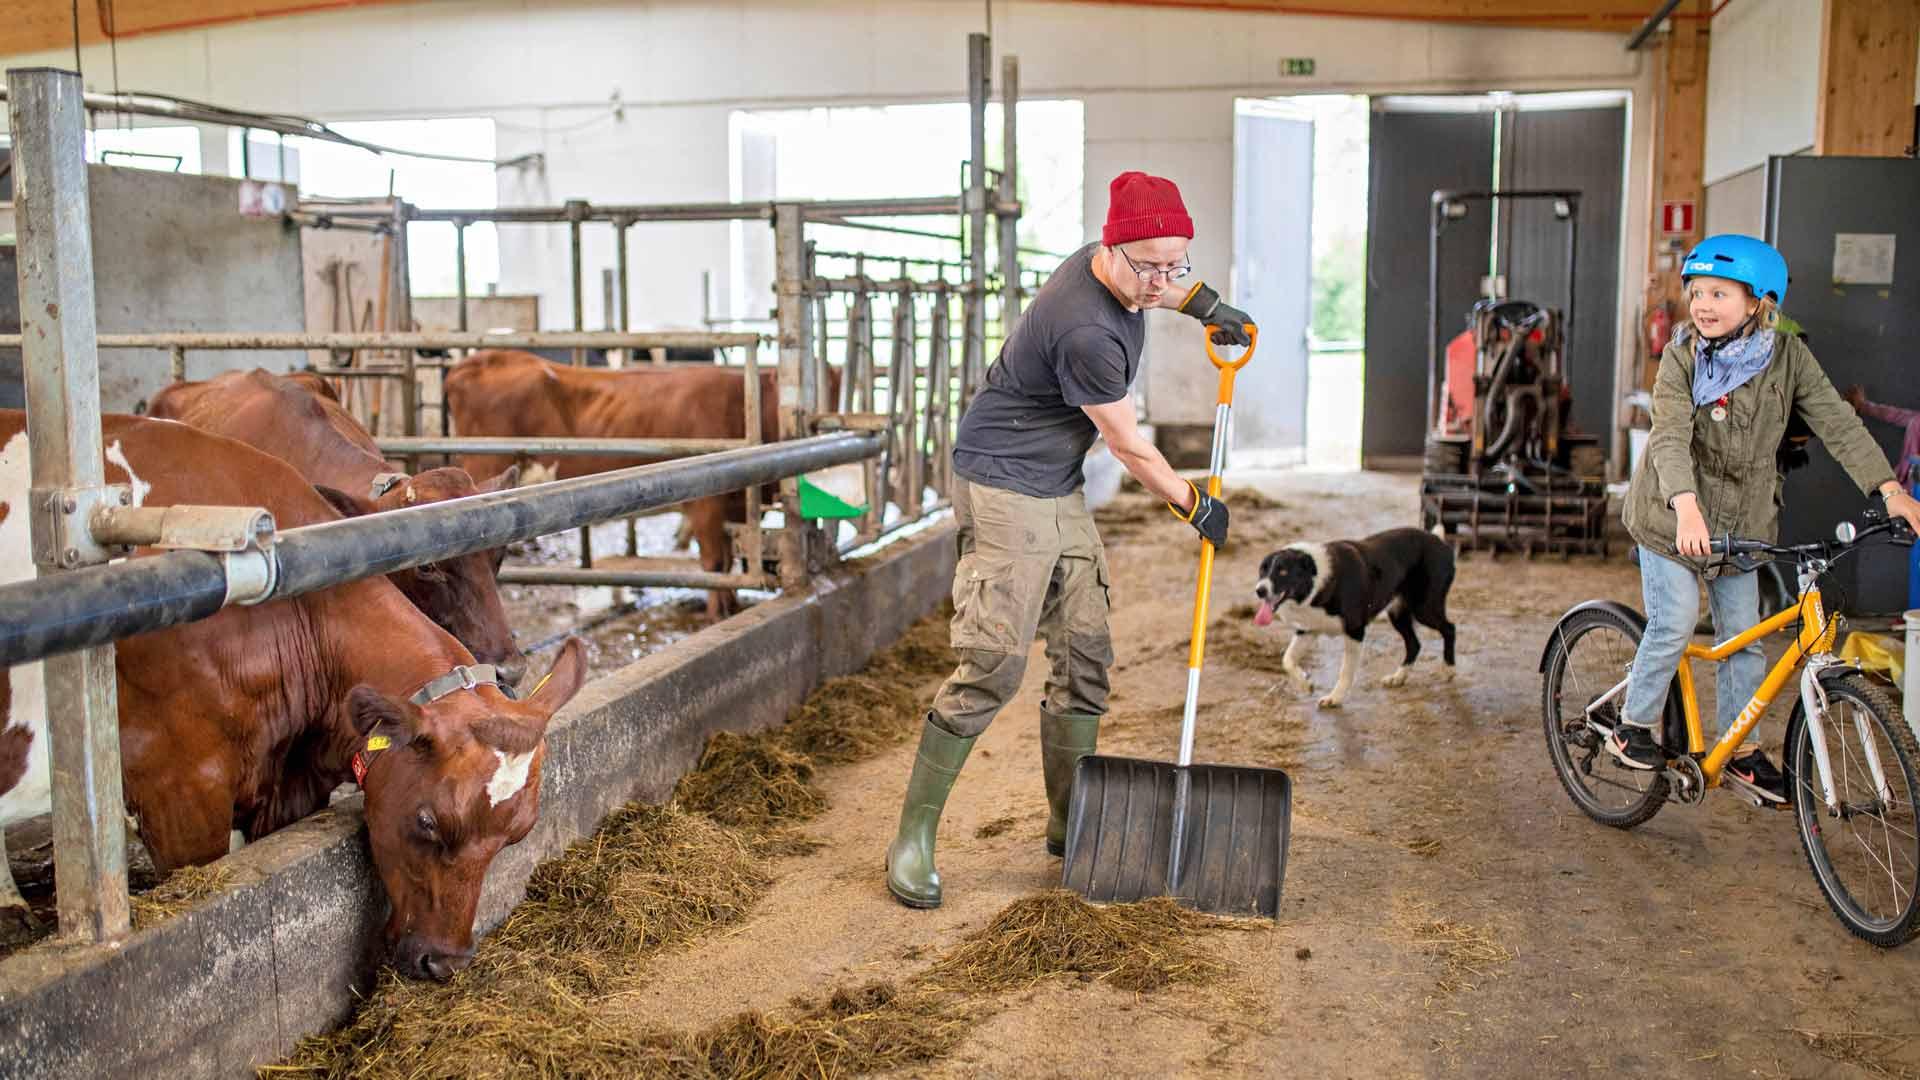 Tuomaksen ja Maisan perhe rakennutti neljä vuotta sitten maitotilalleen uuden modernimman navetan. Karjan määrä tuplattiin ja nyt robottilypsykone lypsää lehmät.